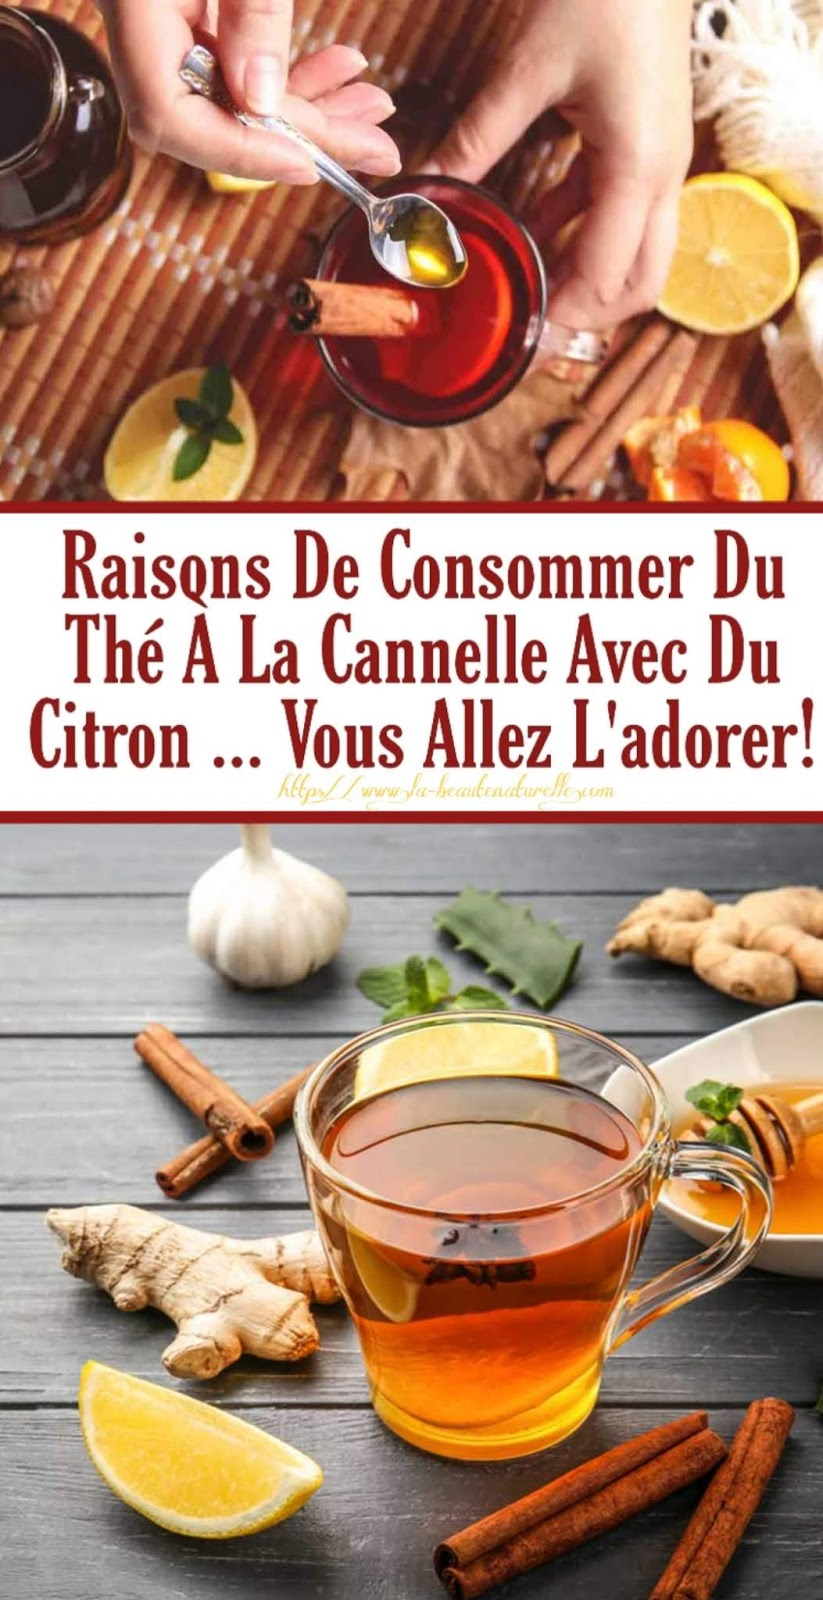 Raisons De Consommer Du Thé À La Cannelle Avec Du Citron ... Vous Allez L'adorer!